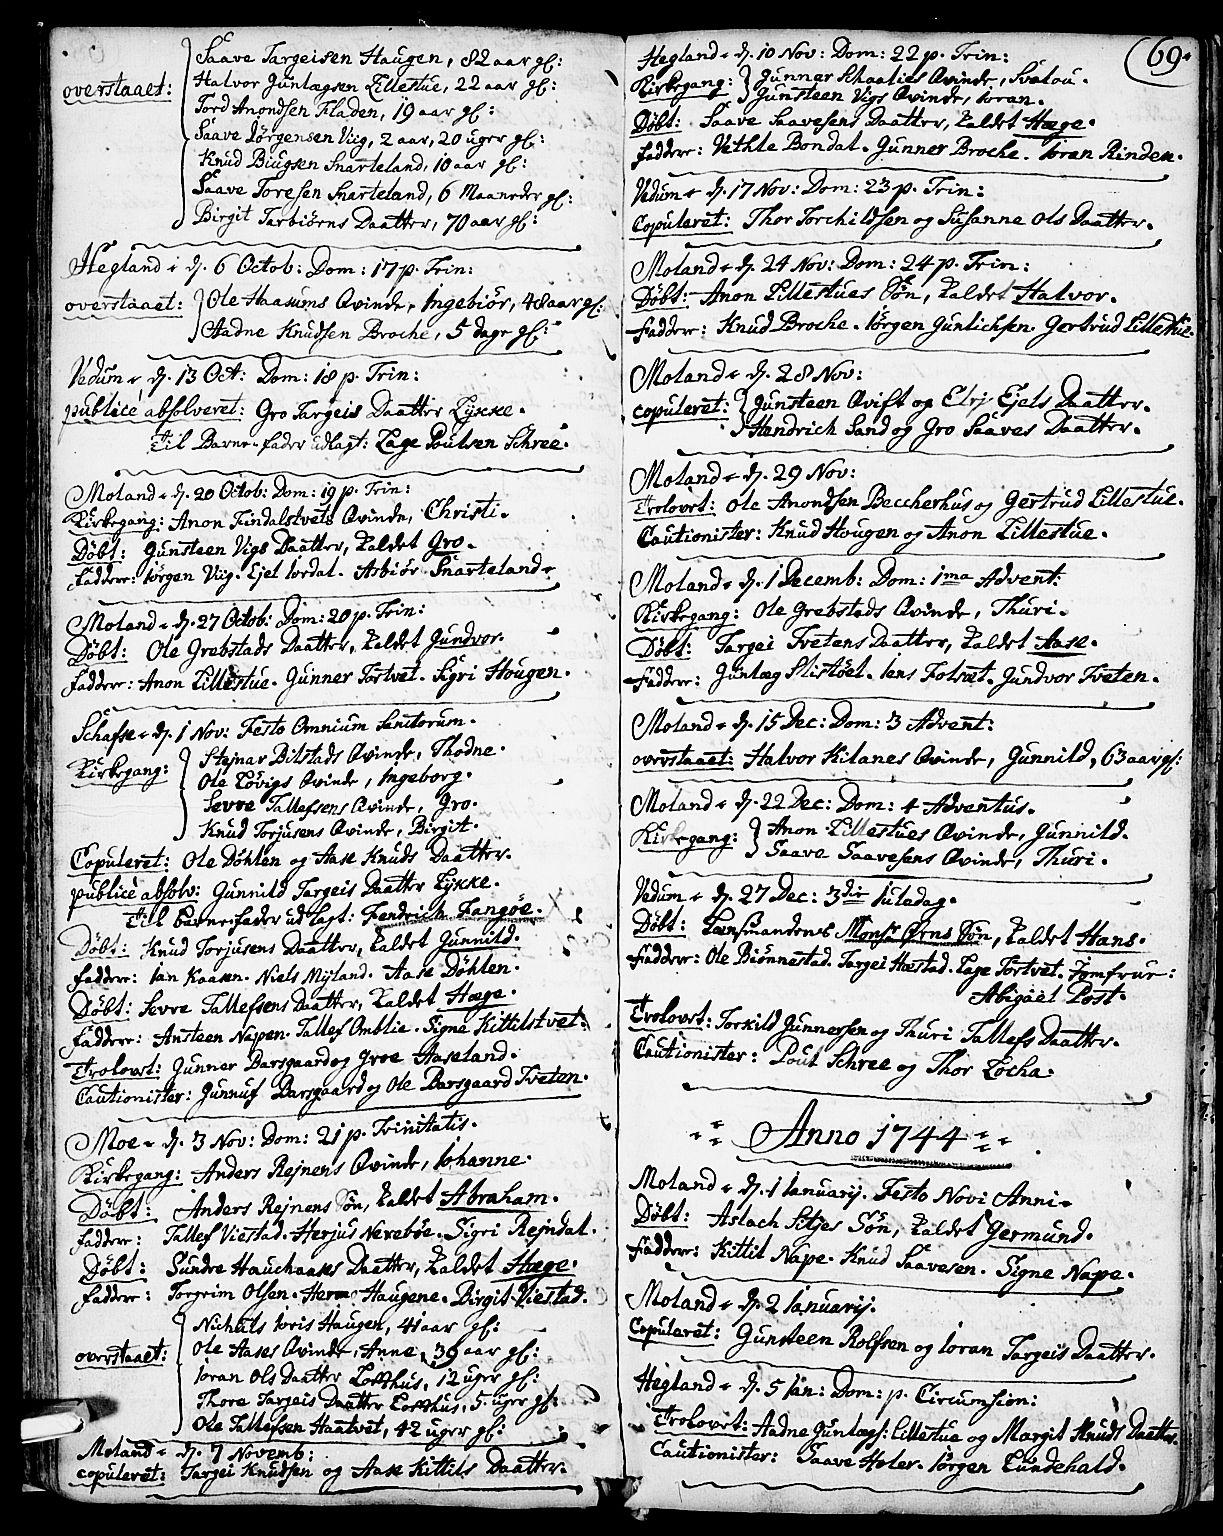 SAKO, Fyresdal kirkebøker, F/Fa/L0001: Ministerialbok nr. I 1, 1724-1748, s. 69